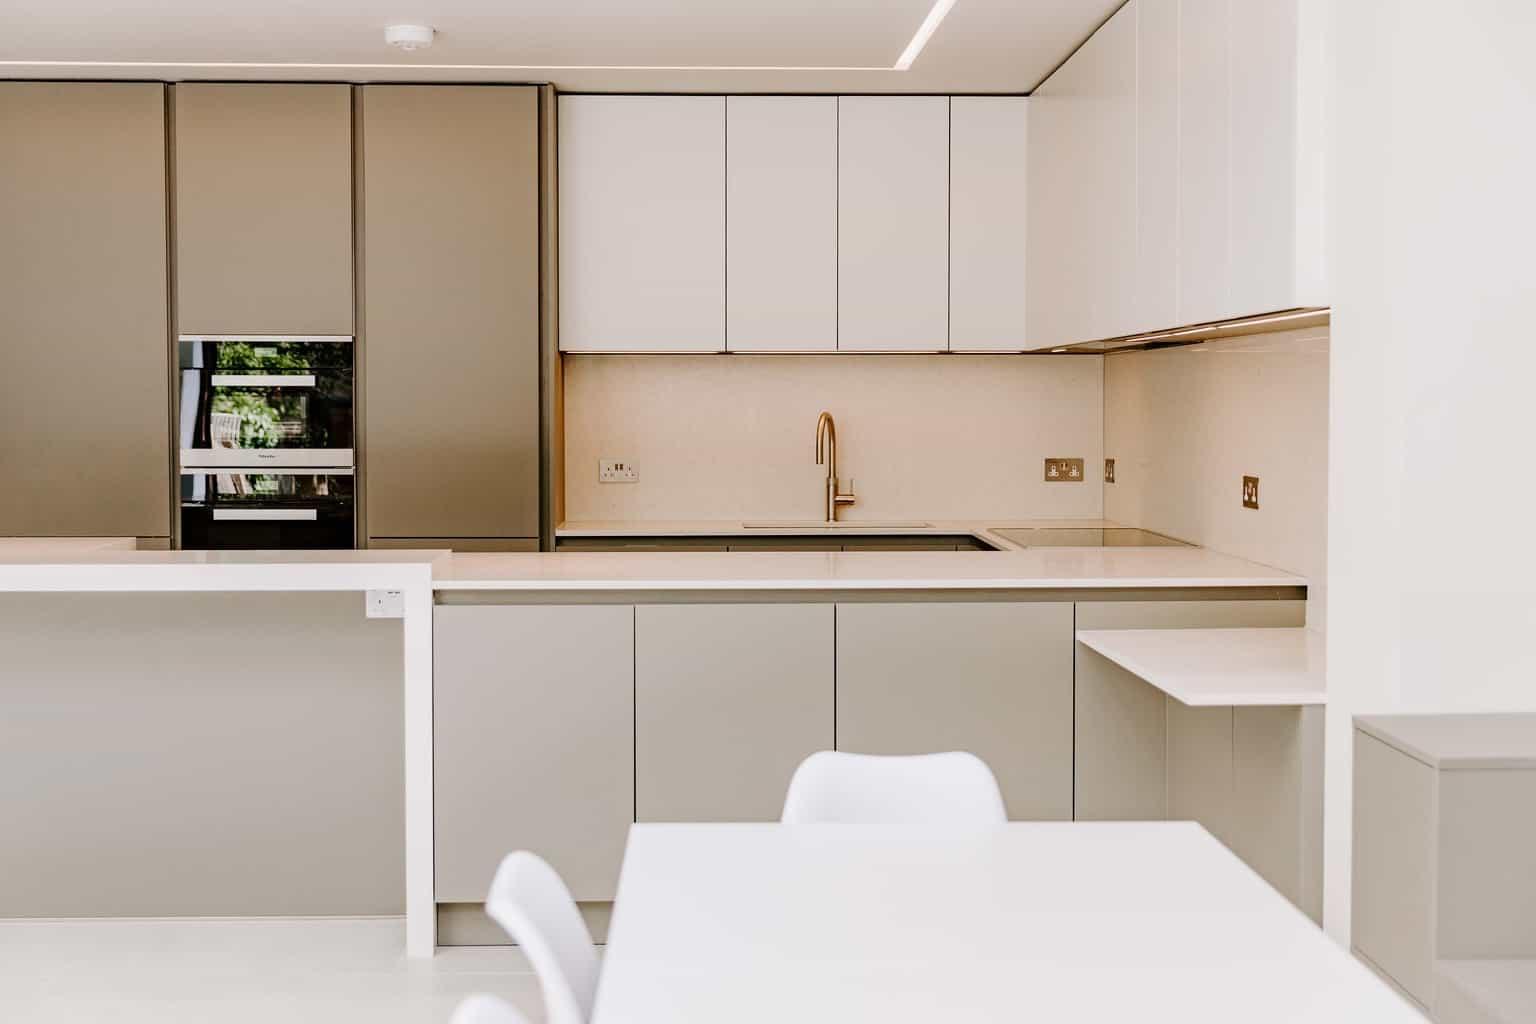 interior design refurbishment balham